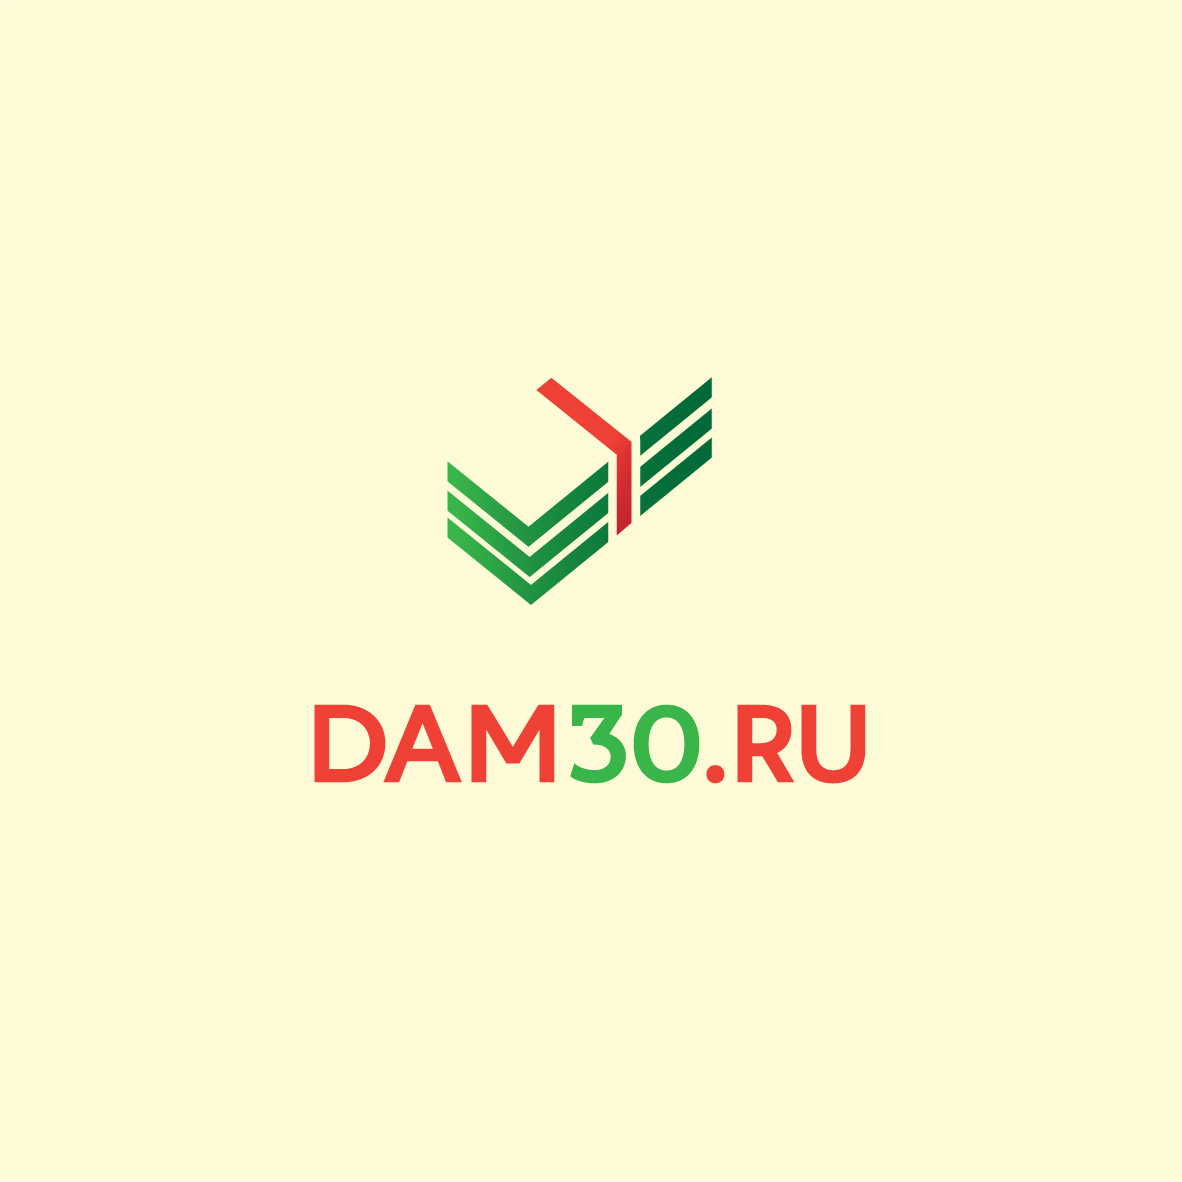 Логотип для микрокредитной, микрофинансовой компании фото f_1255a341ce0c03b6.jpg